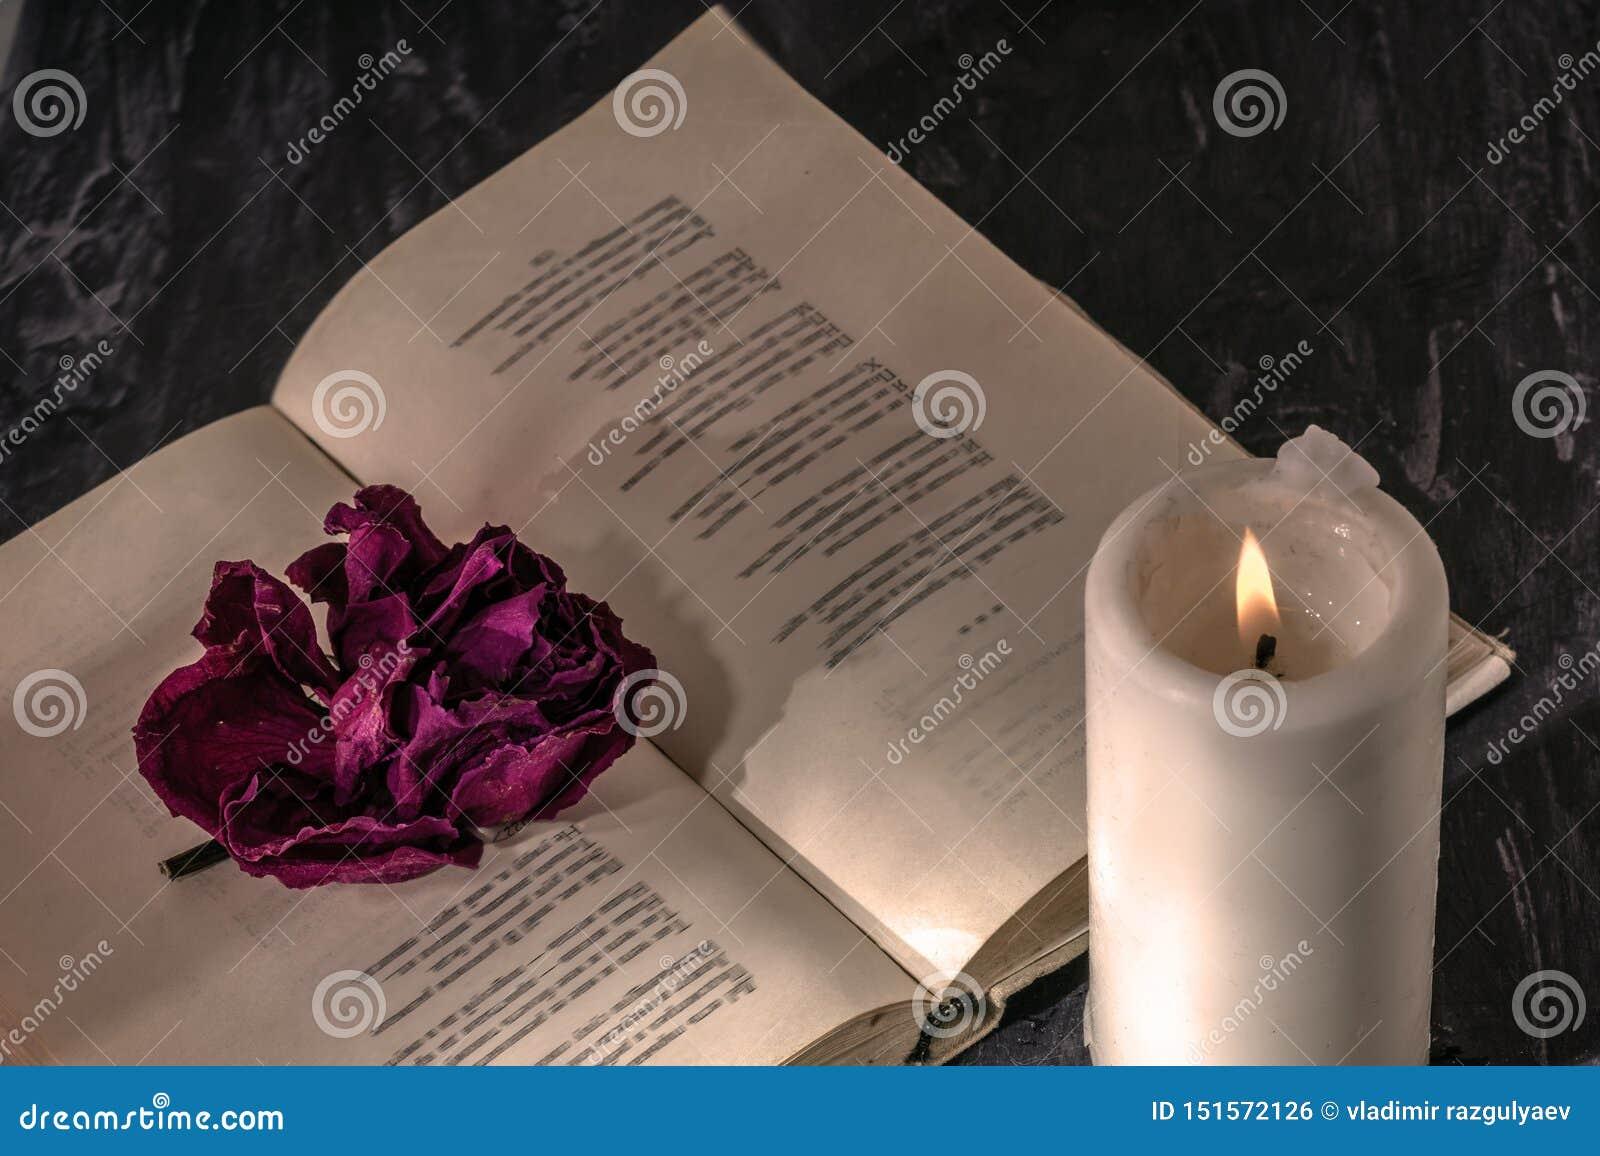 Un libro abierto con una vela en las páginas es un brote de la rosa secada